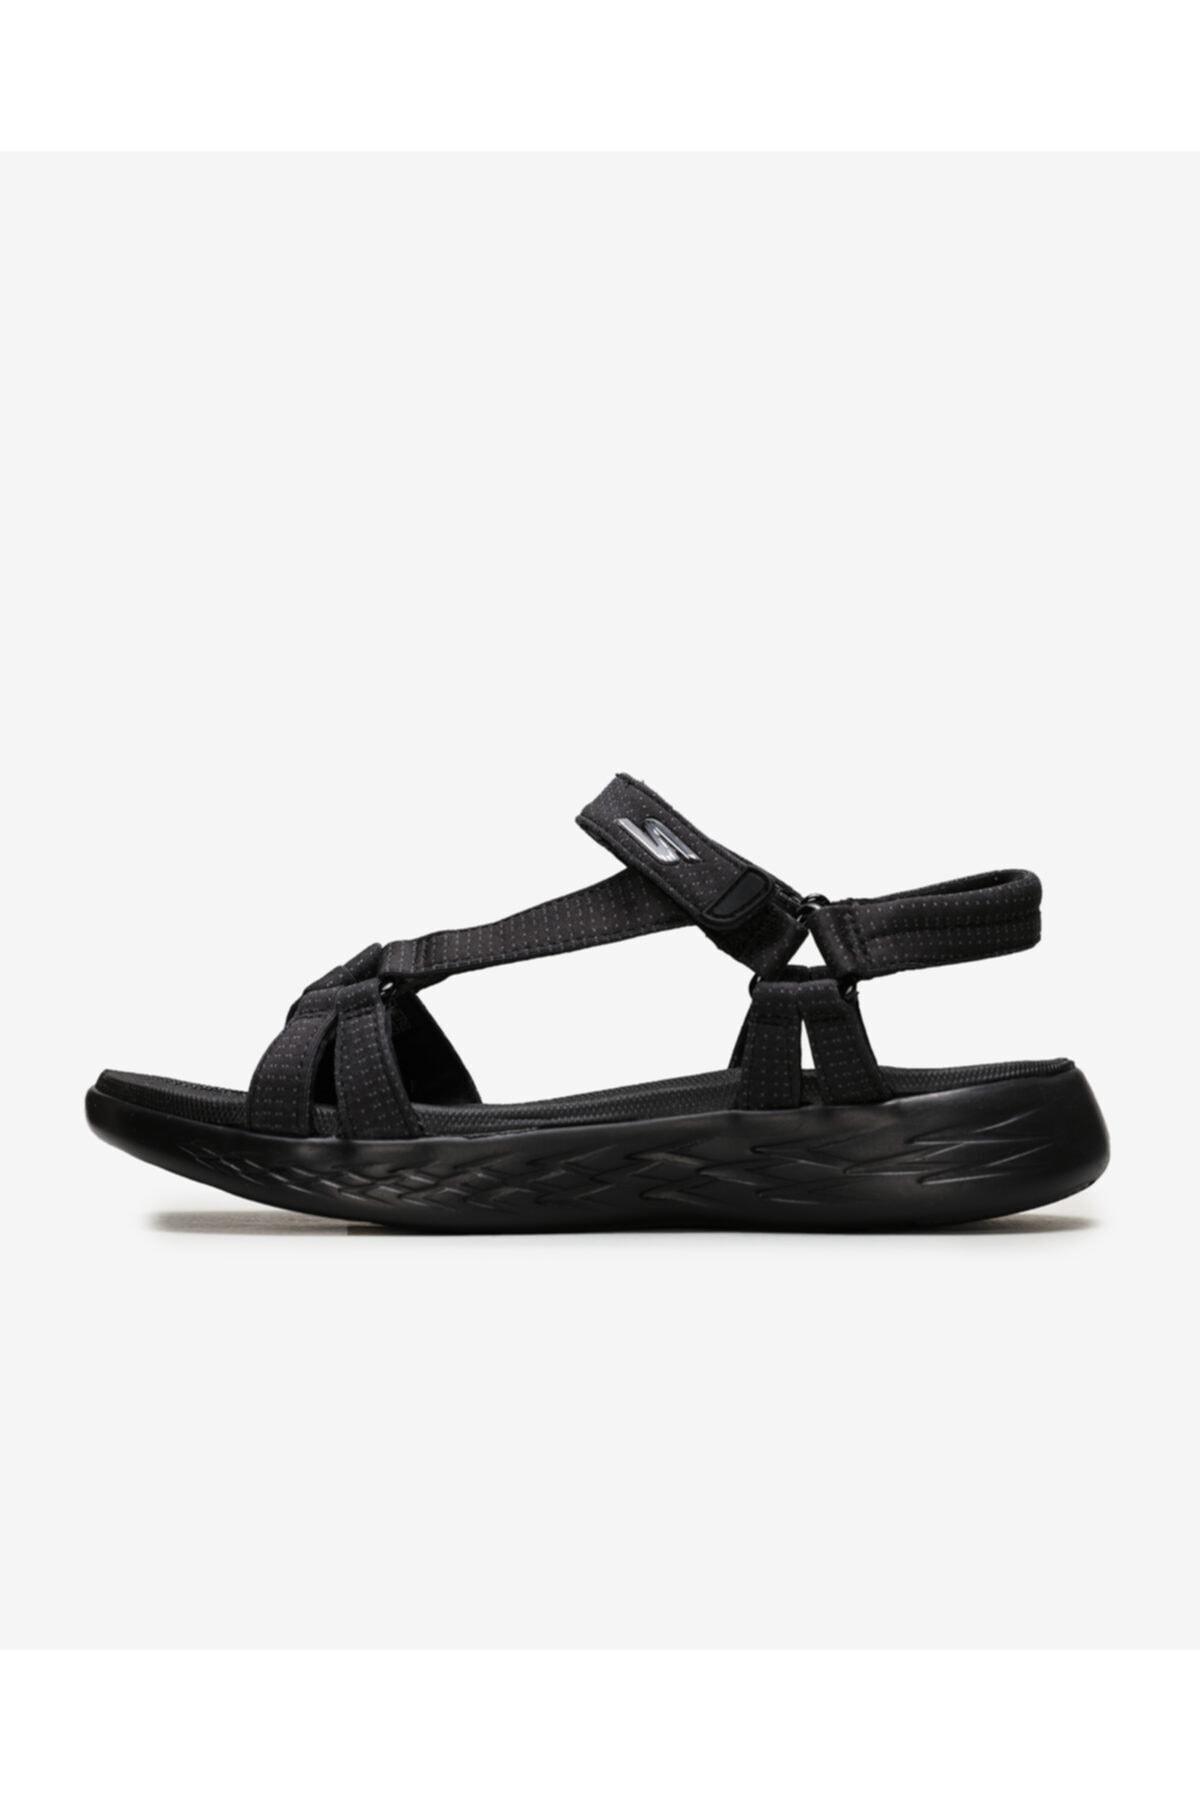 SKECHERS On-the-go 600 - Brilliancy Kadın Siyah Sandalet 15316 Bbk 1